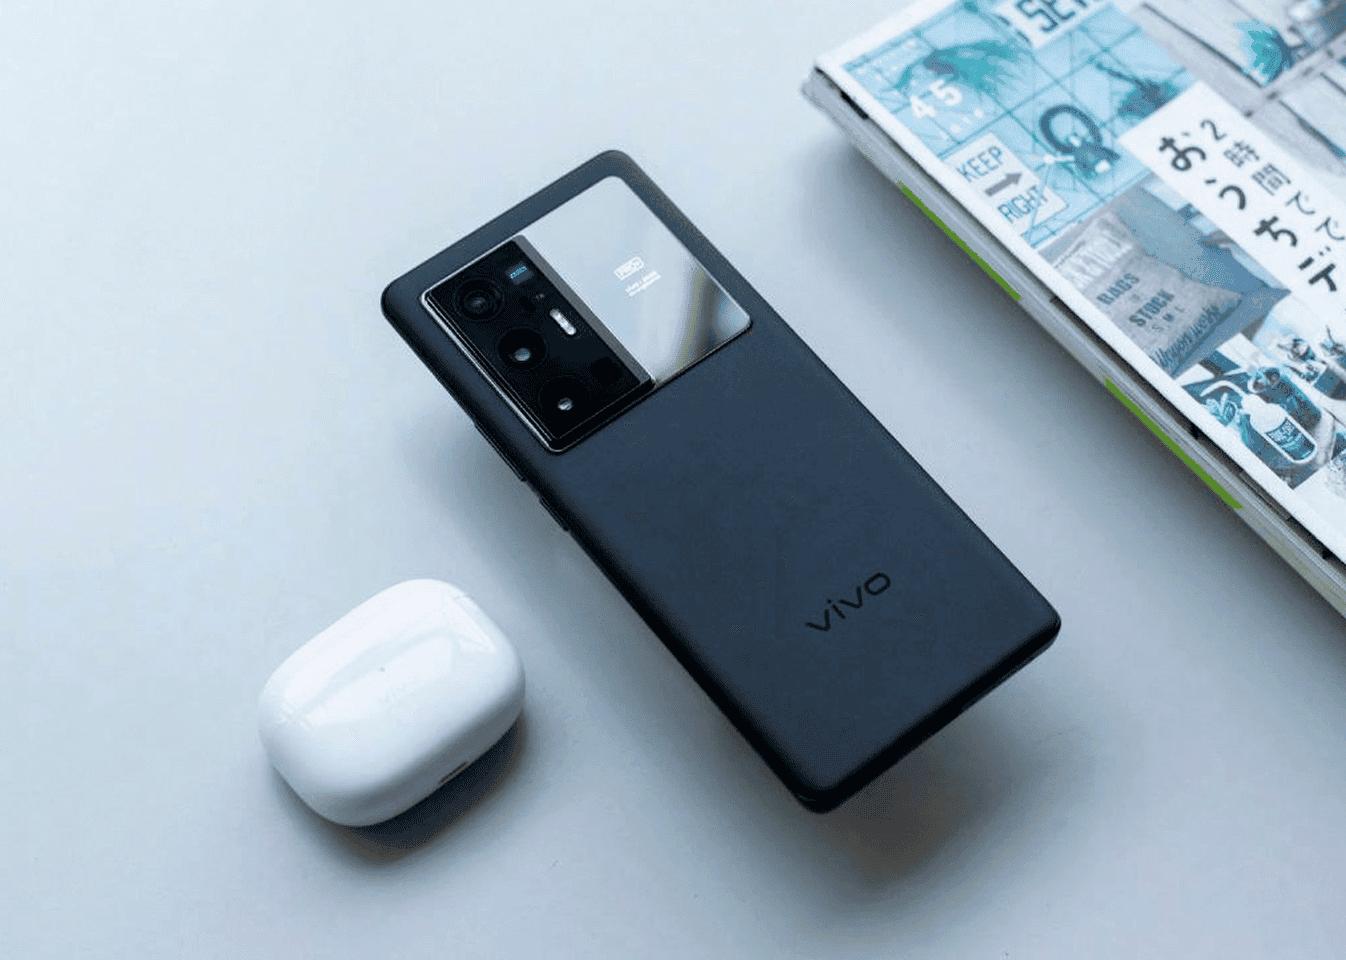 El Vivo X80 quiere destrozar la gama alta con la mejor cámara y la mayor potencia